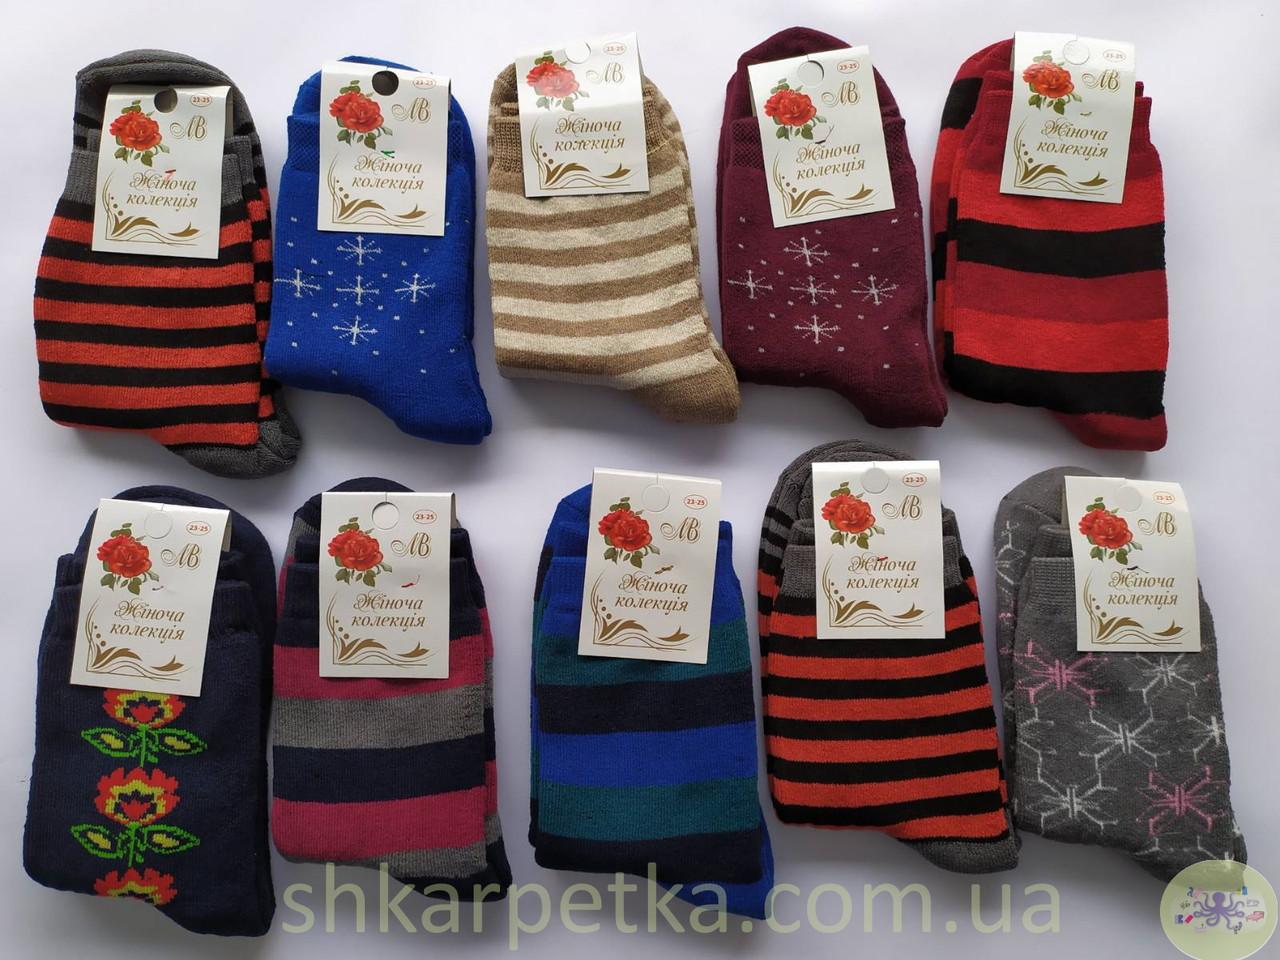 Шкарпетки жіночі махра зимові ТМ Прилуки